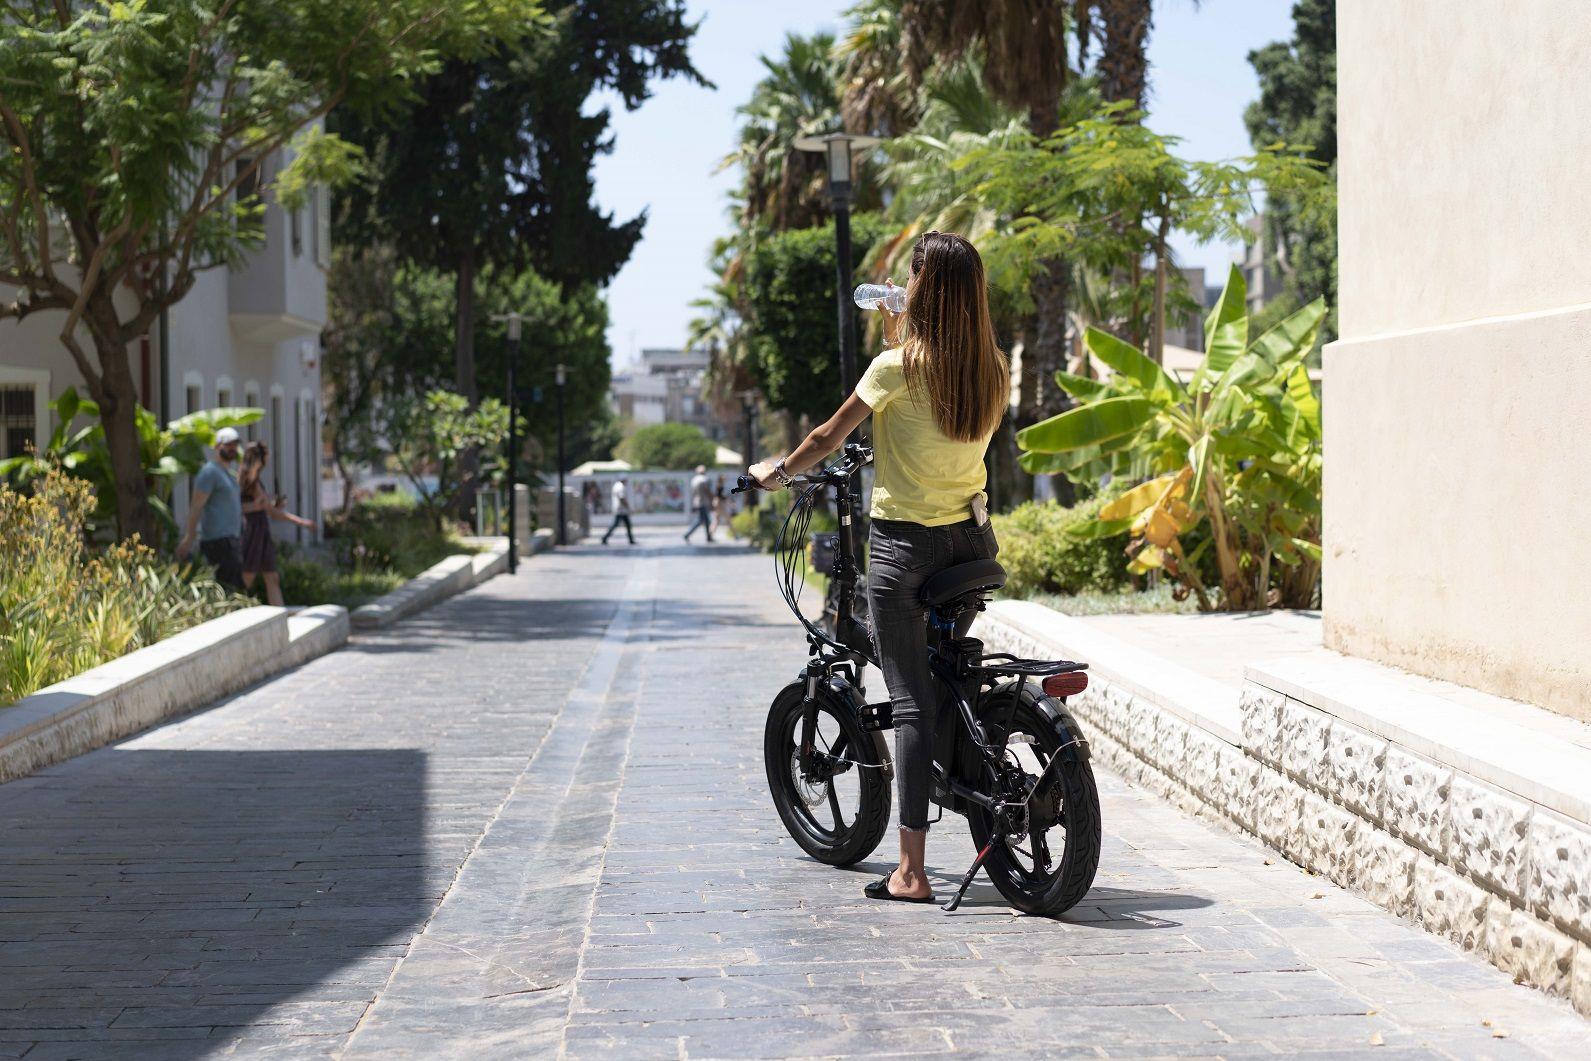 אופניים חשמליים בקיץ - טיפים לעונה החמה